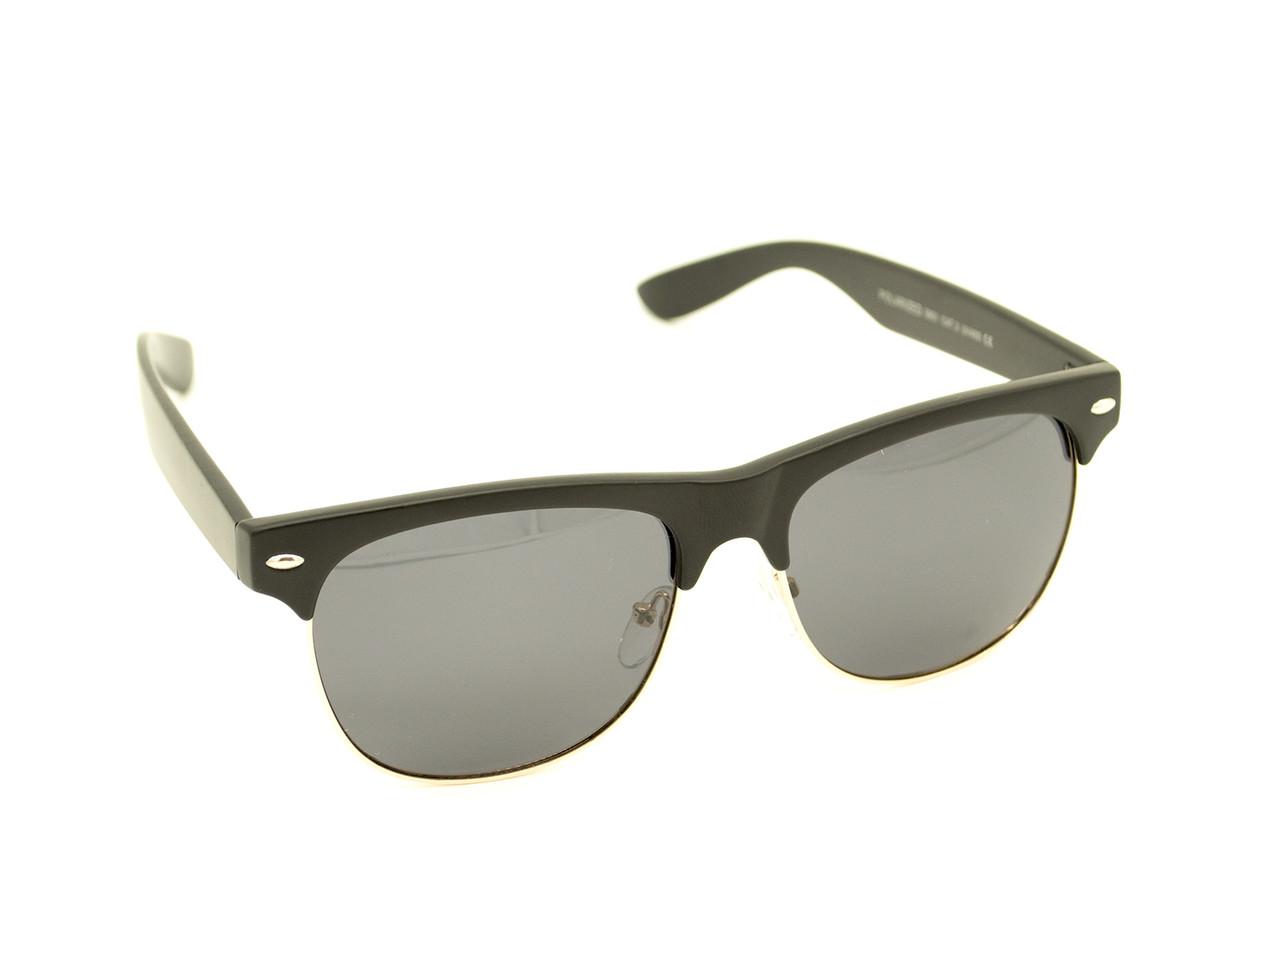 Солнцезащитные очки Dasoon Vision Черный (T3901 black)